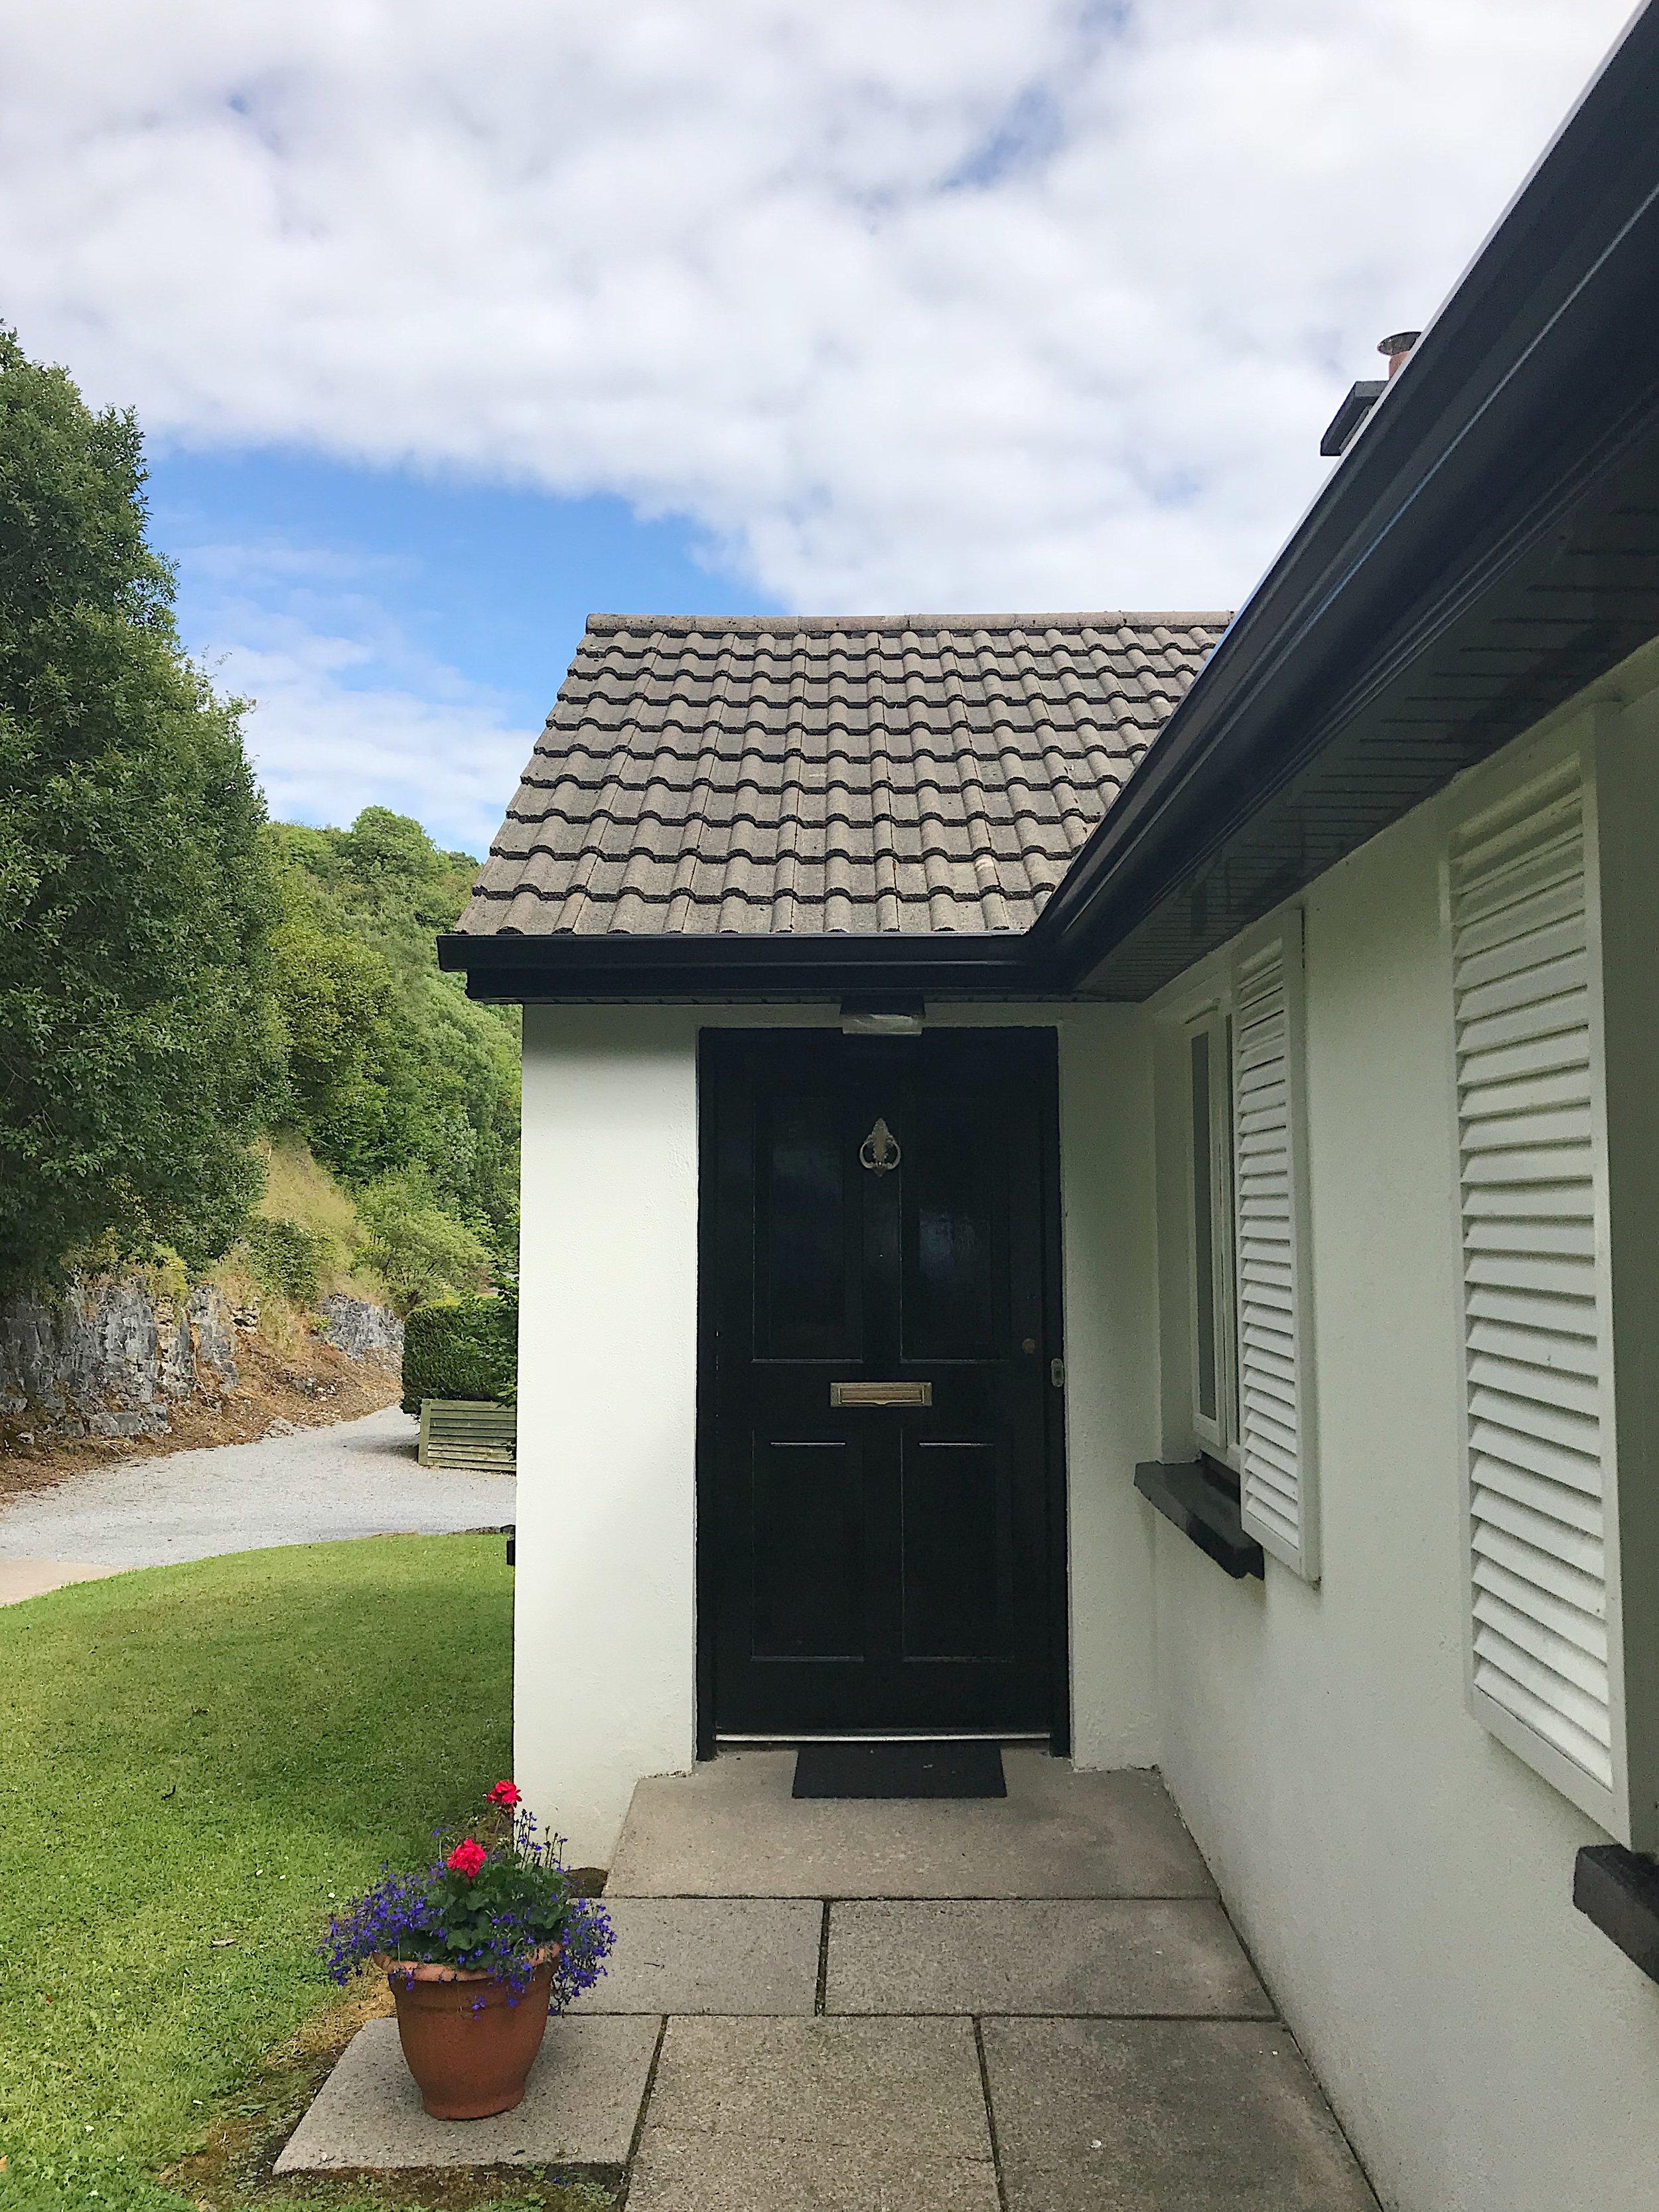 Hill House, Co. Sligo